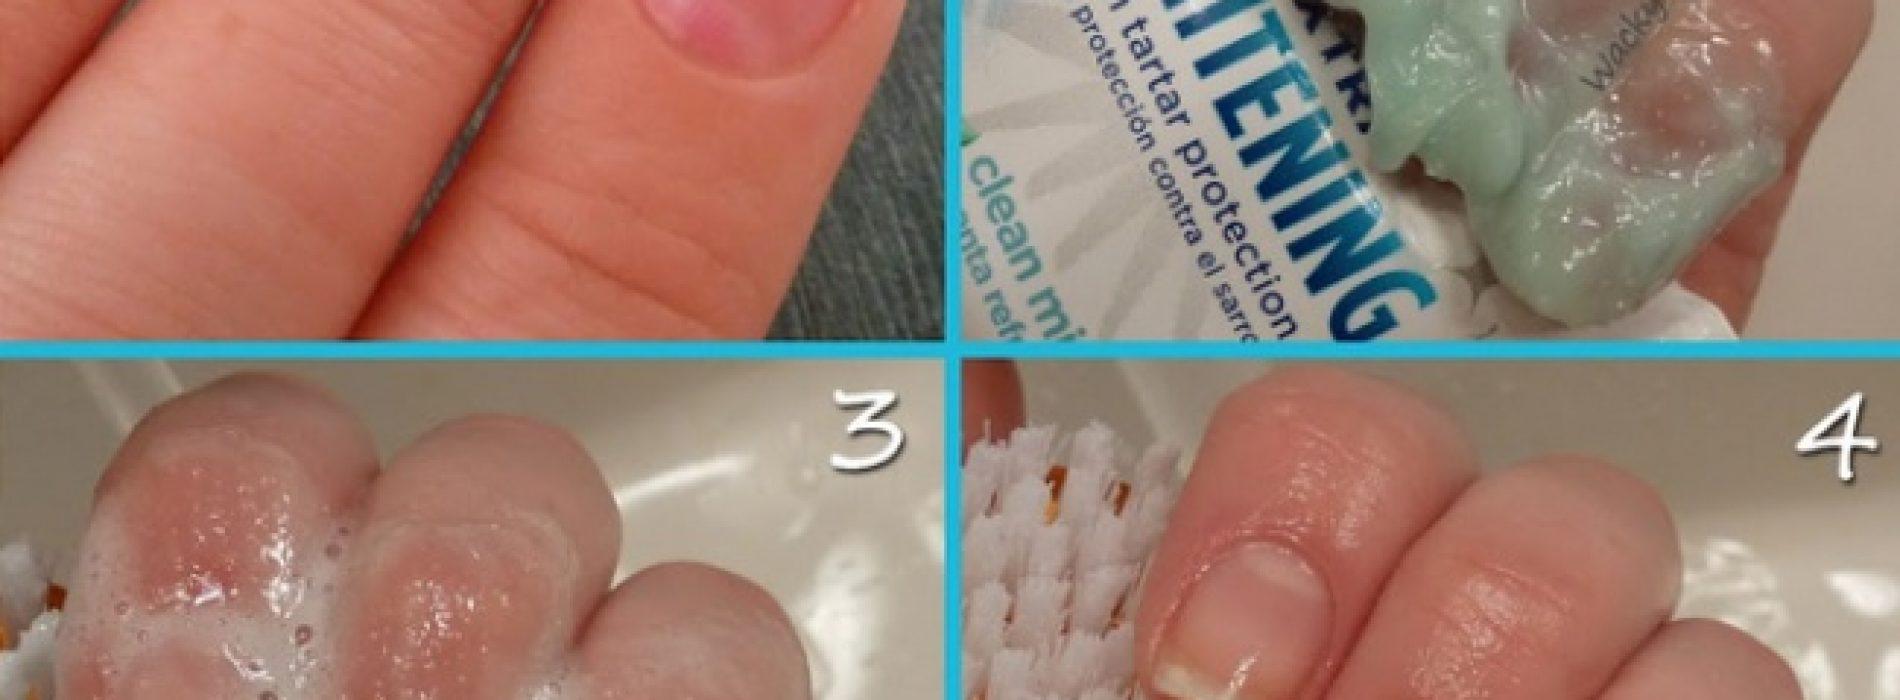 Als je tandpasta op je vingernagels smeert, volgt er een VERRASSEND effect!